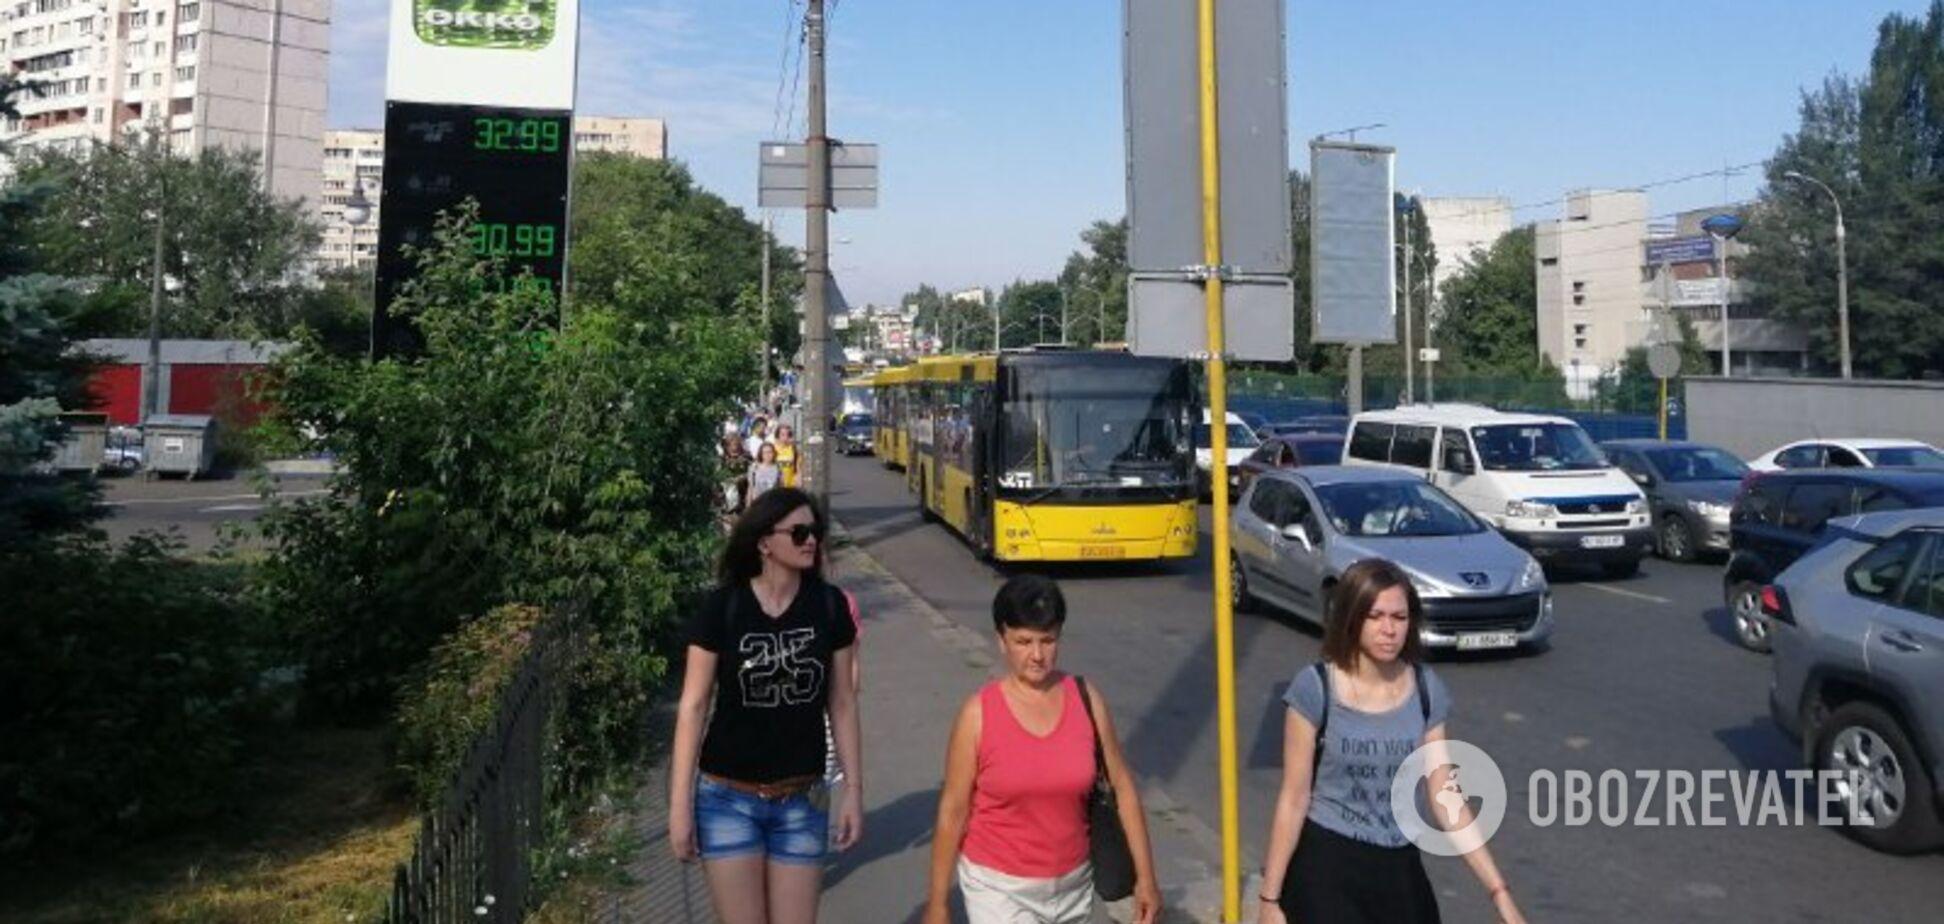 Змушені йти пішки! У Києві стався транспортний колапс